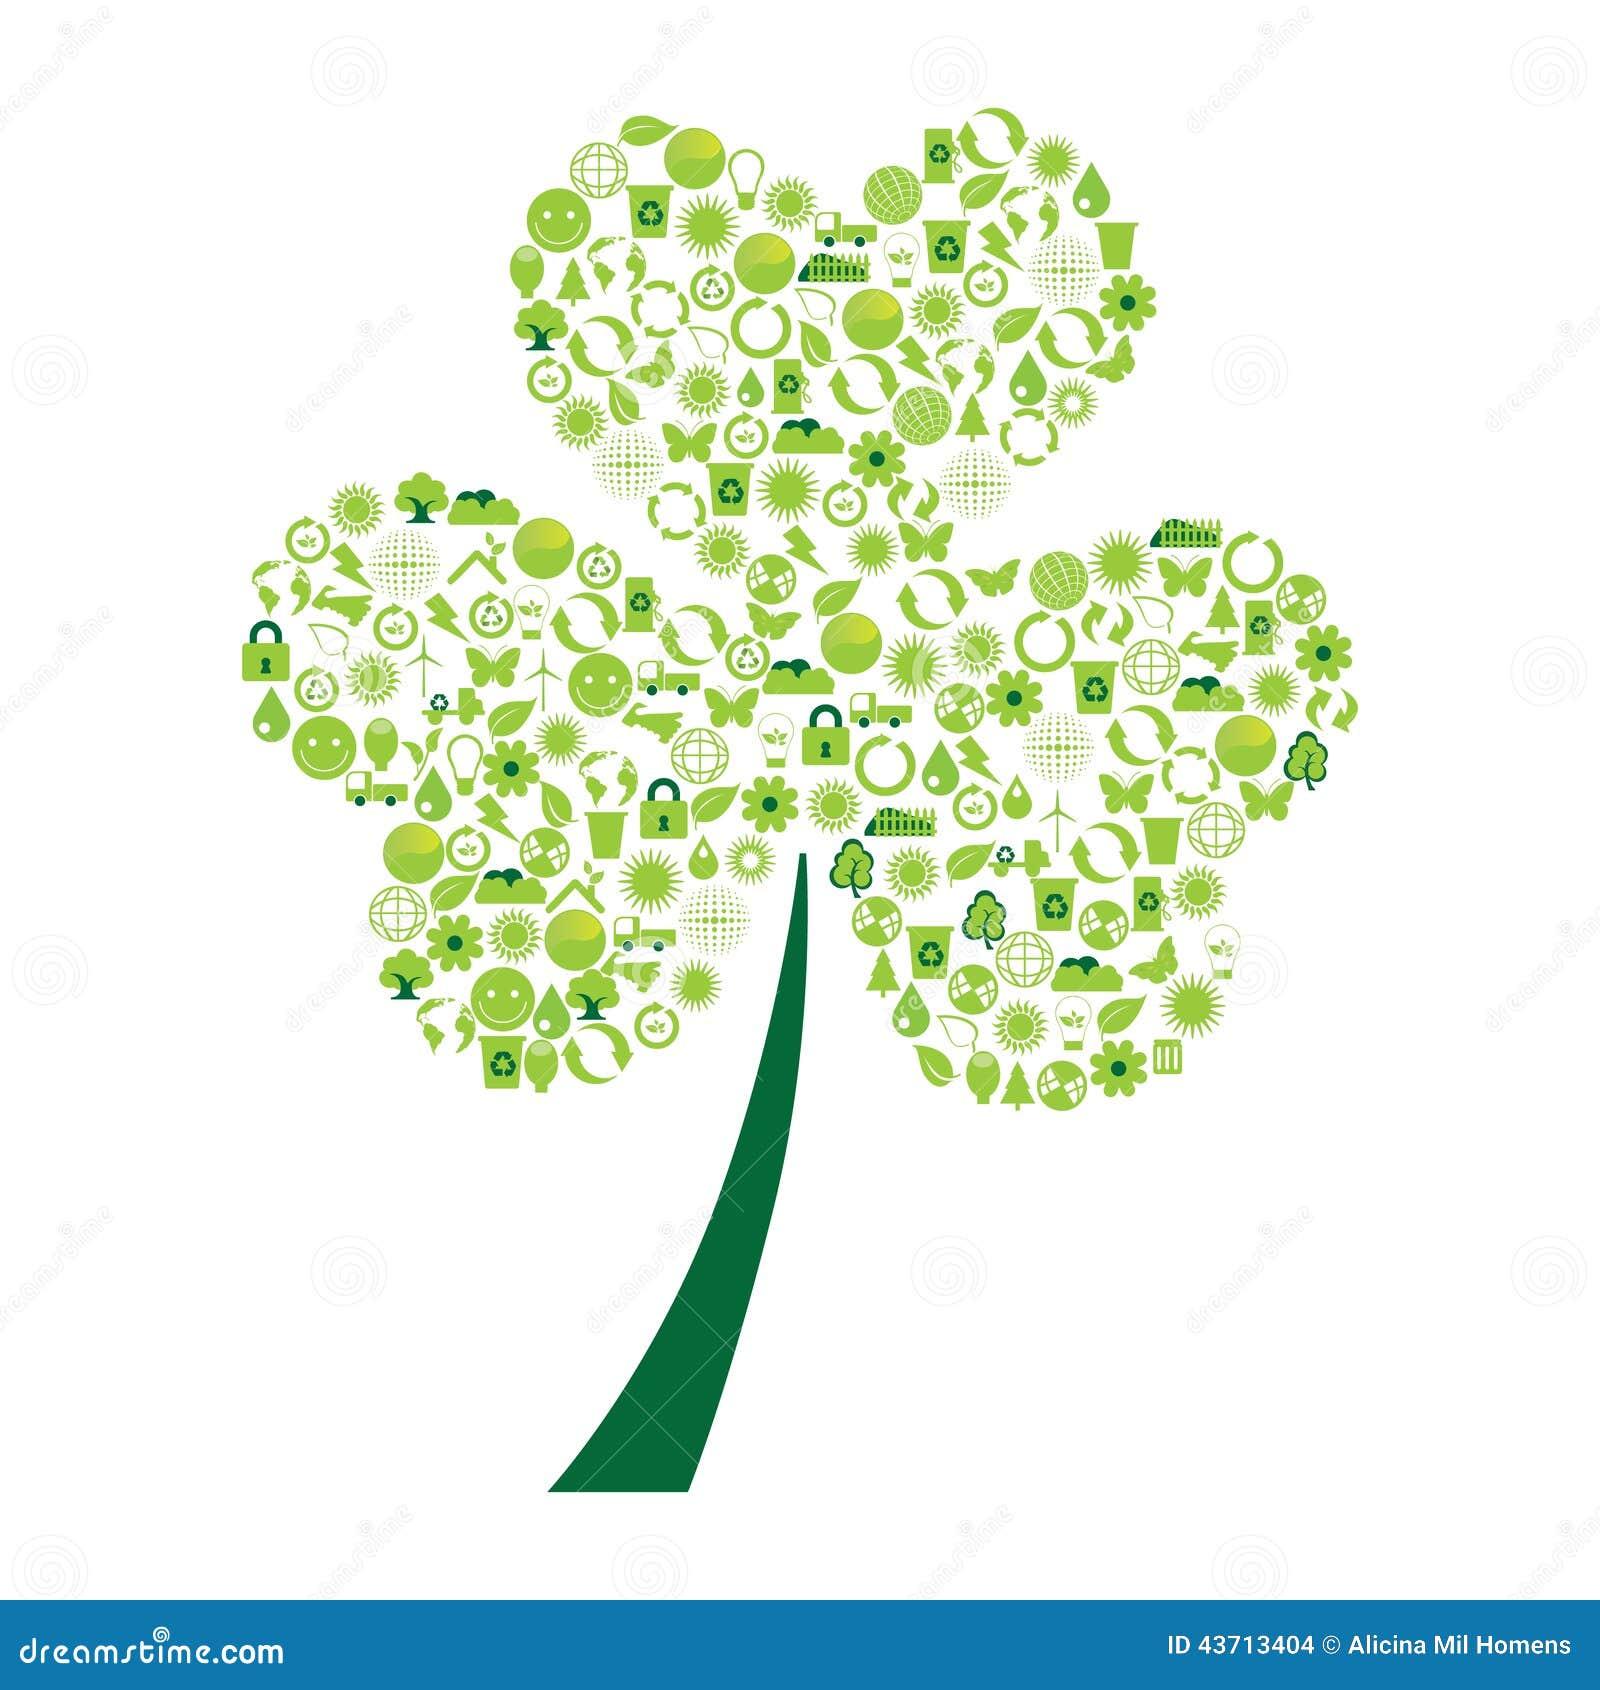 用生态标志做的三叶草.图片